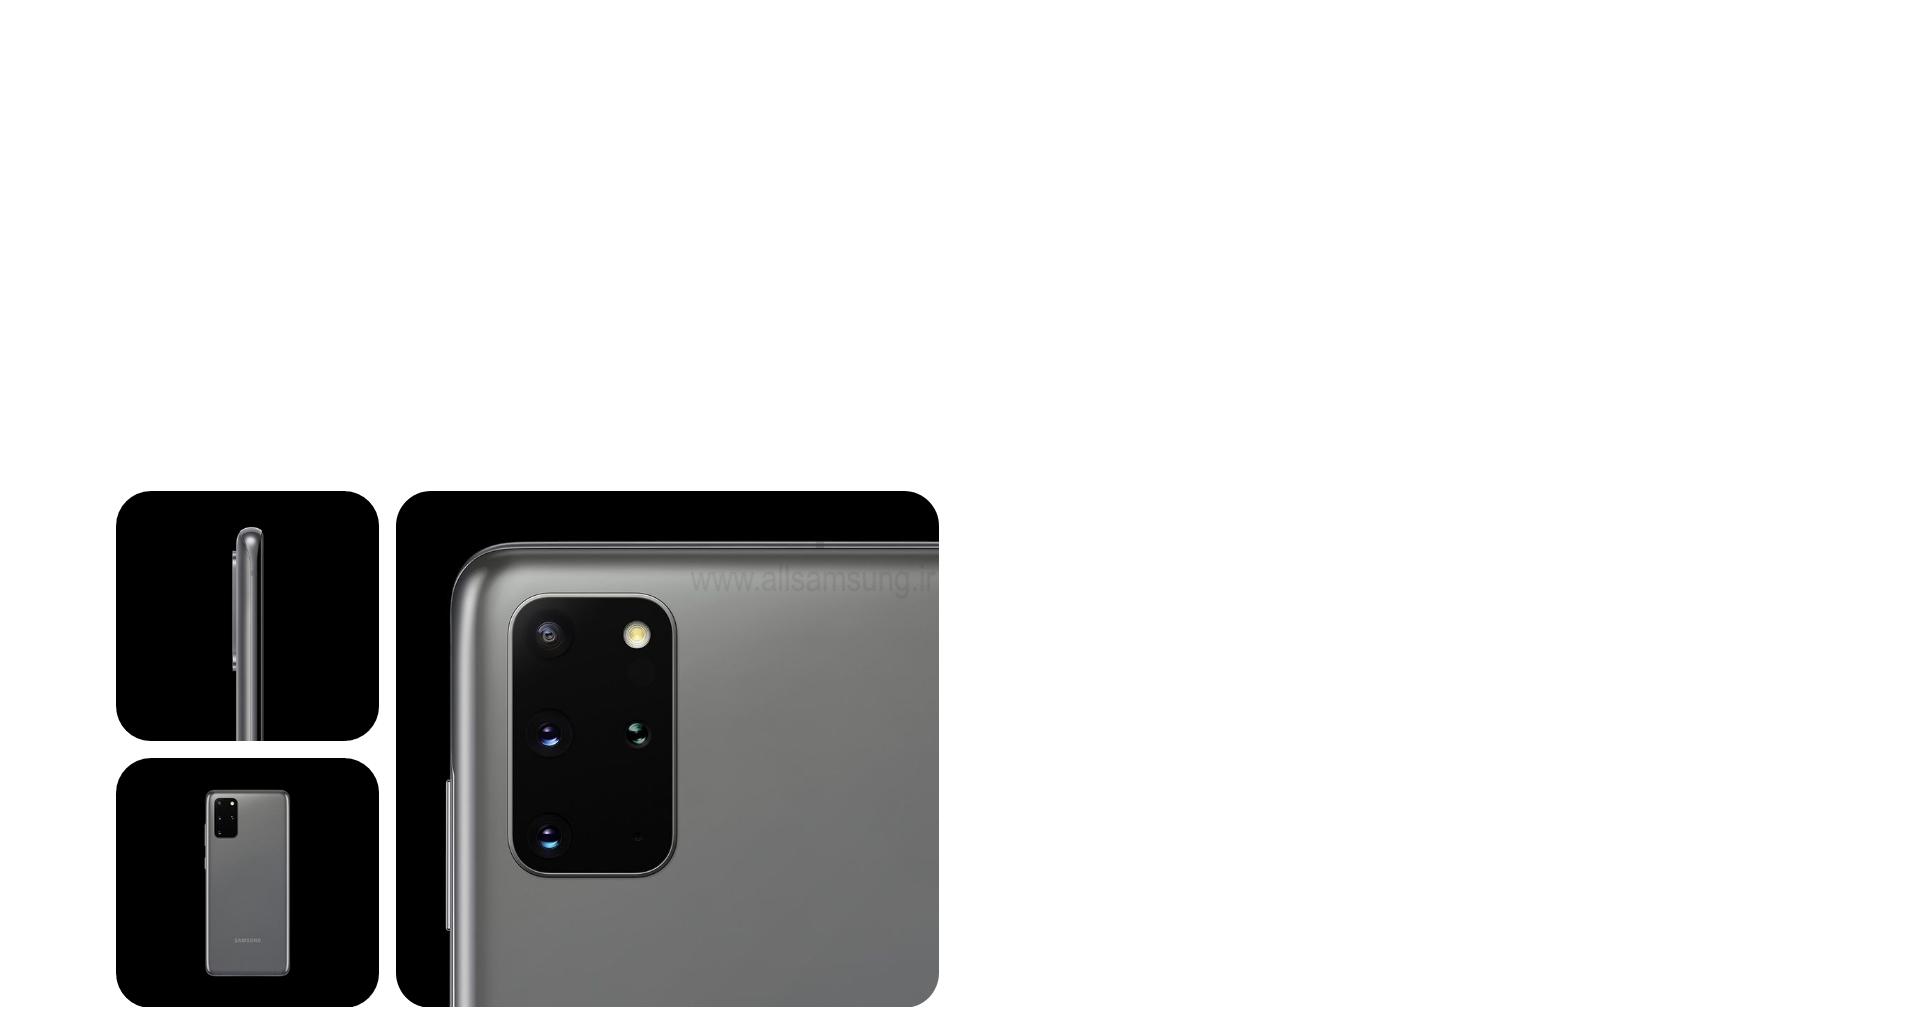 گوشی اس 20 طراحی شده با سیستم کاملا جدید دوربین